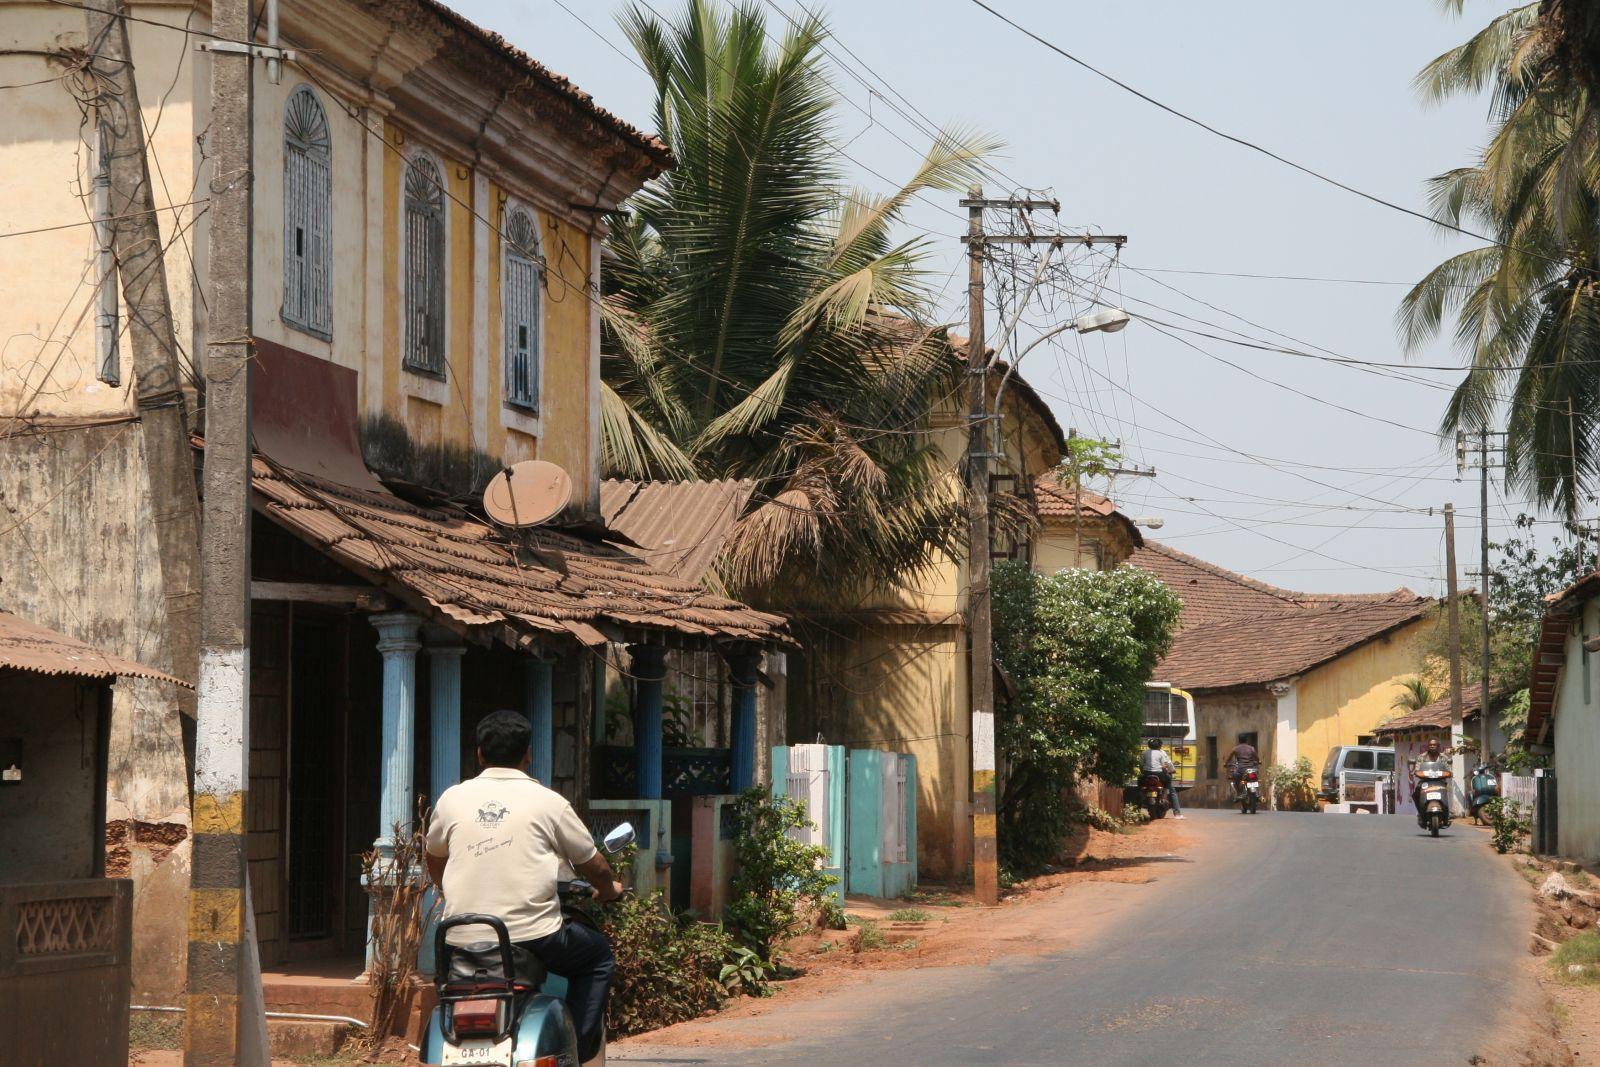 今日果亞街景,在印度日常中帶有歐風特色